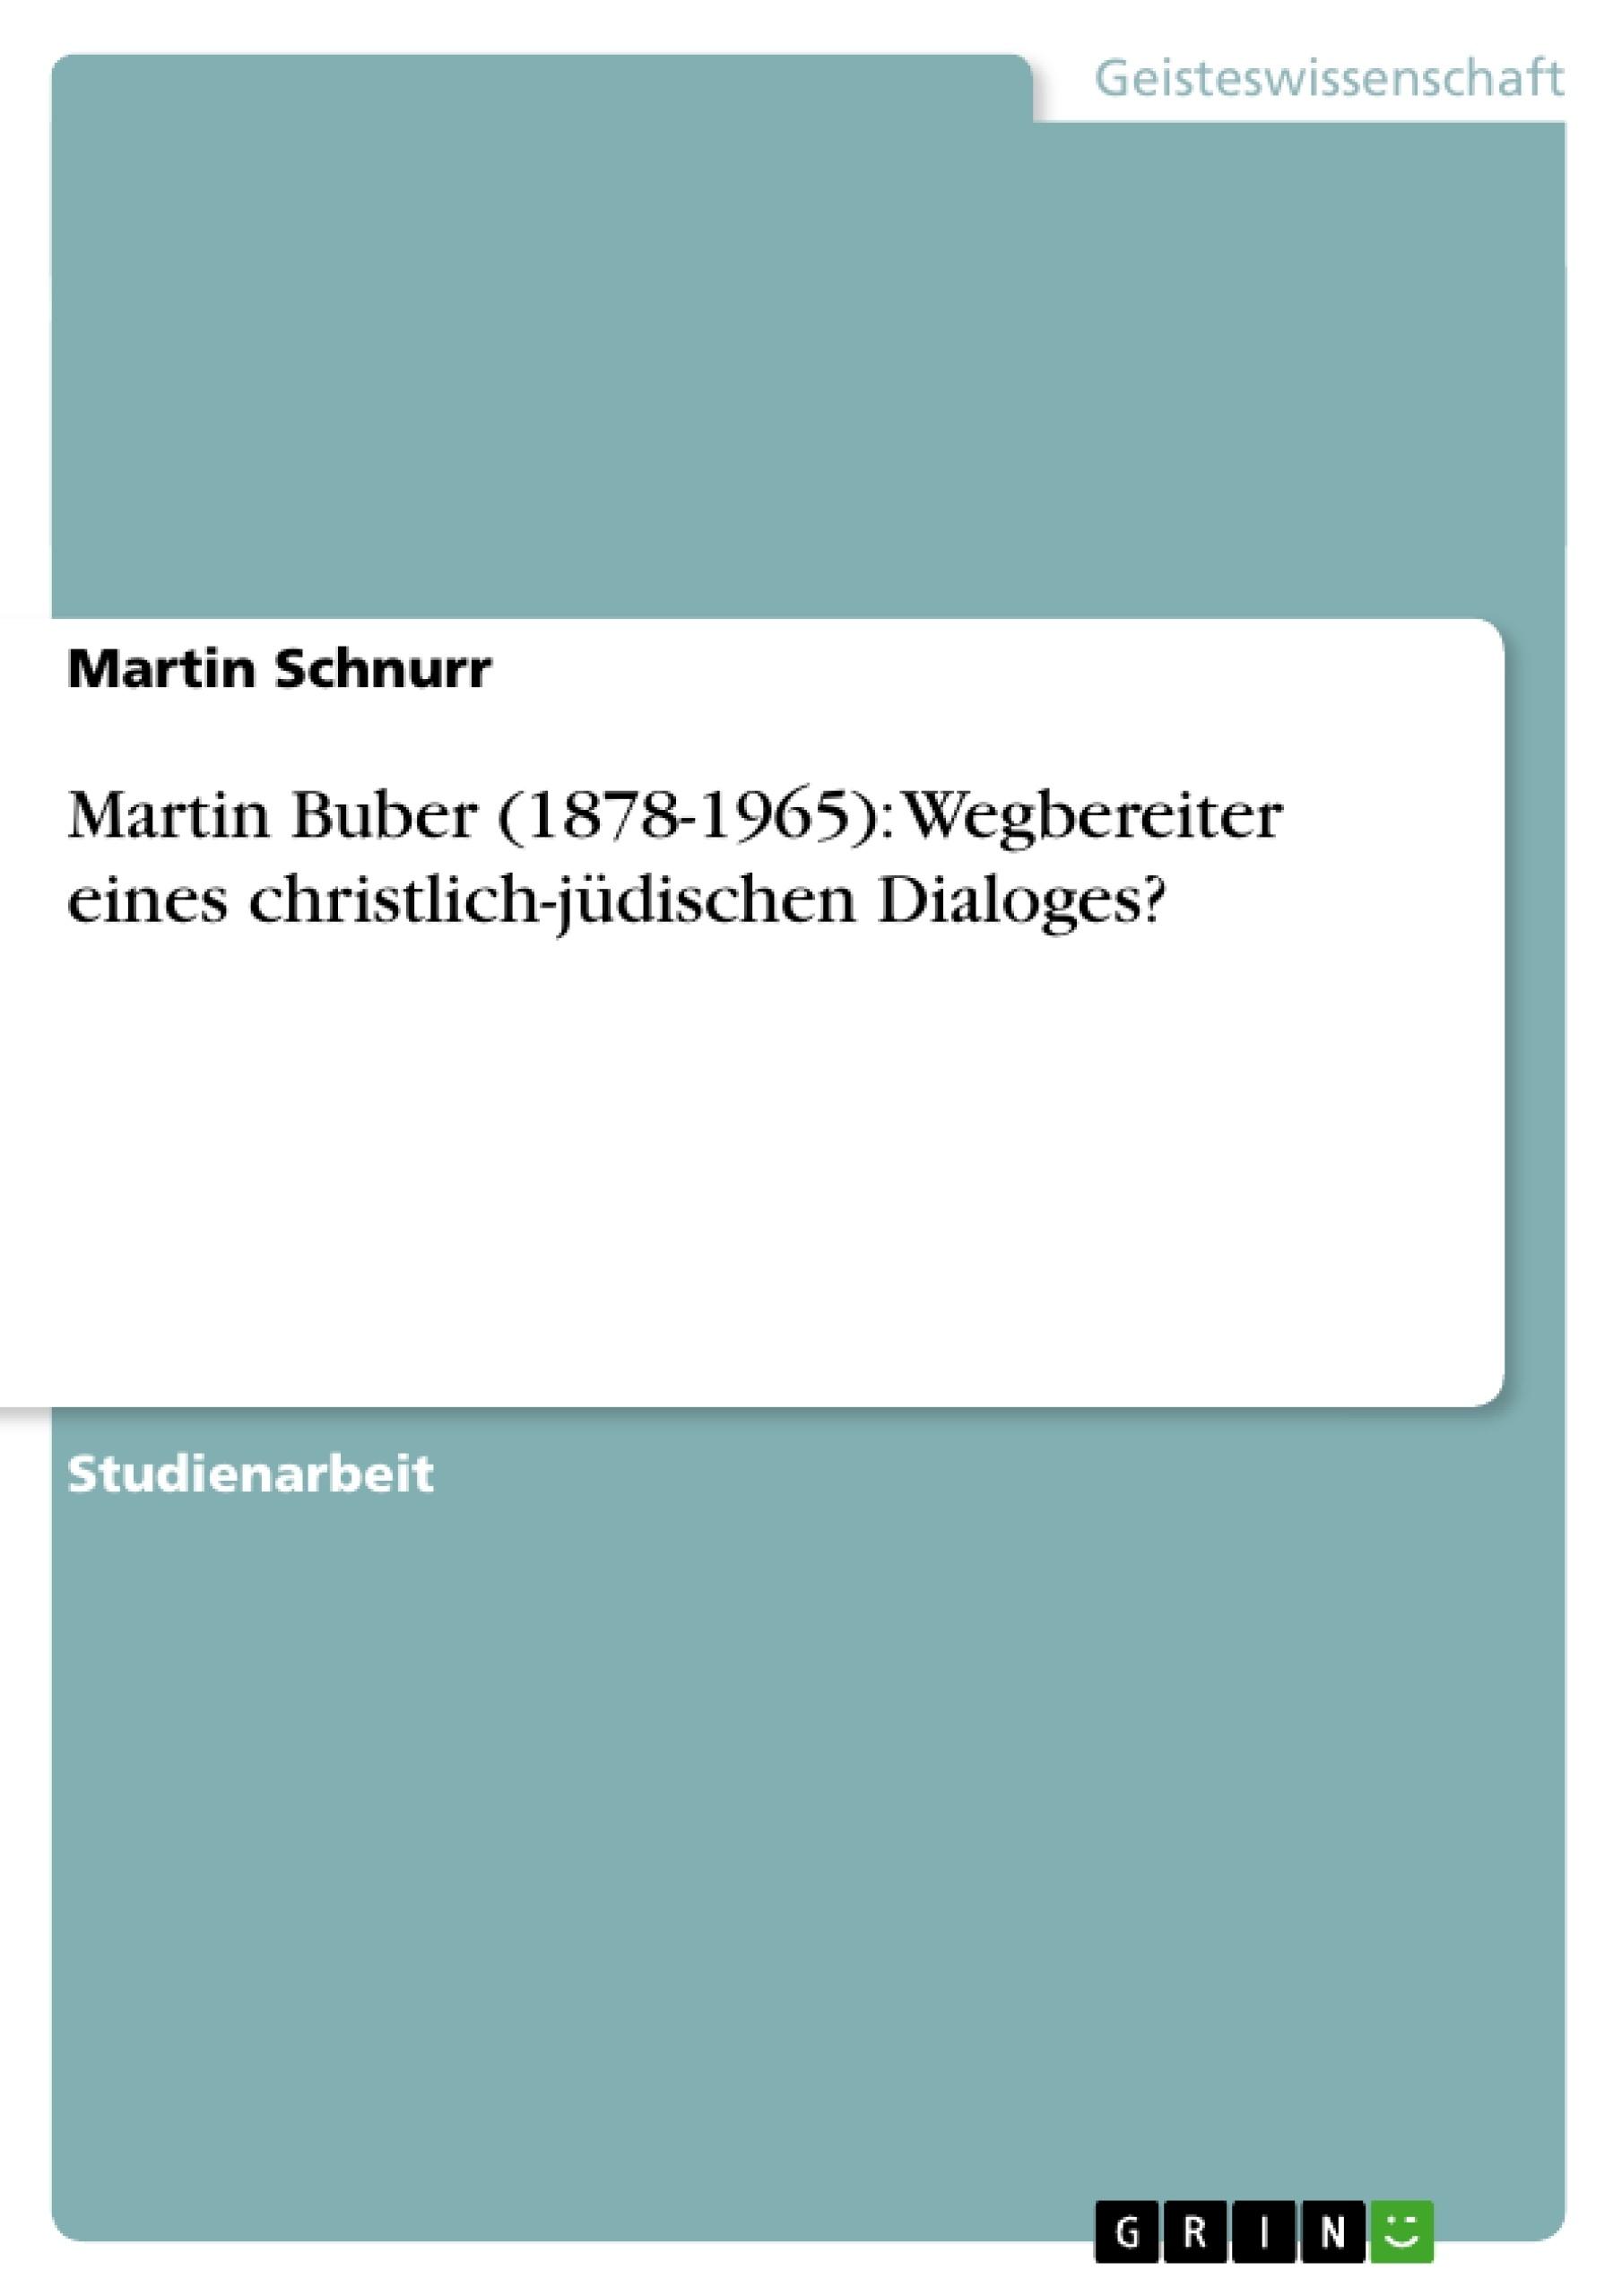 Titel: Martin Buber (1878-1965): Wegbereiter eines christlich-jüdischen Dialoges?